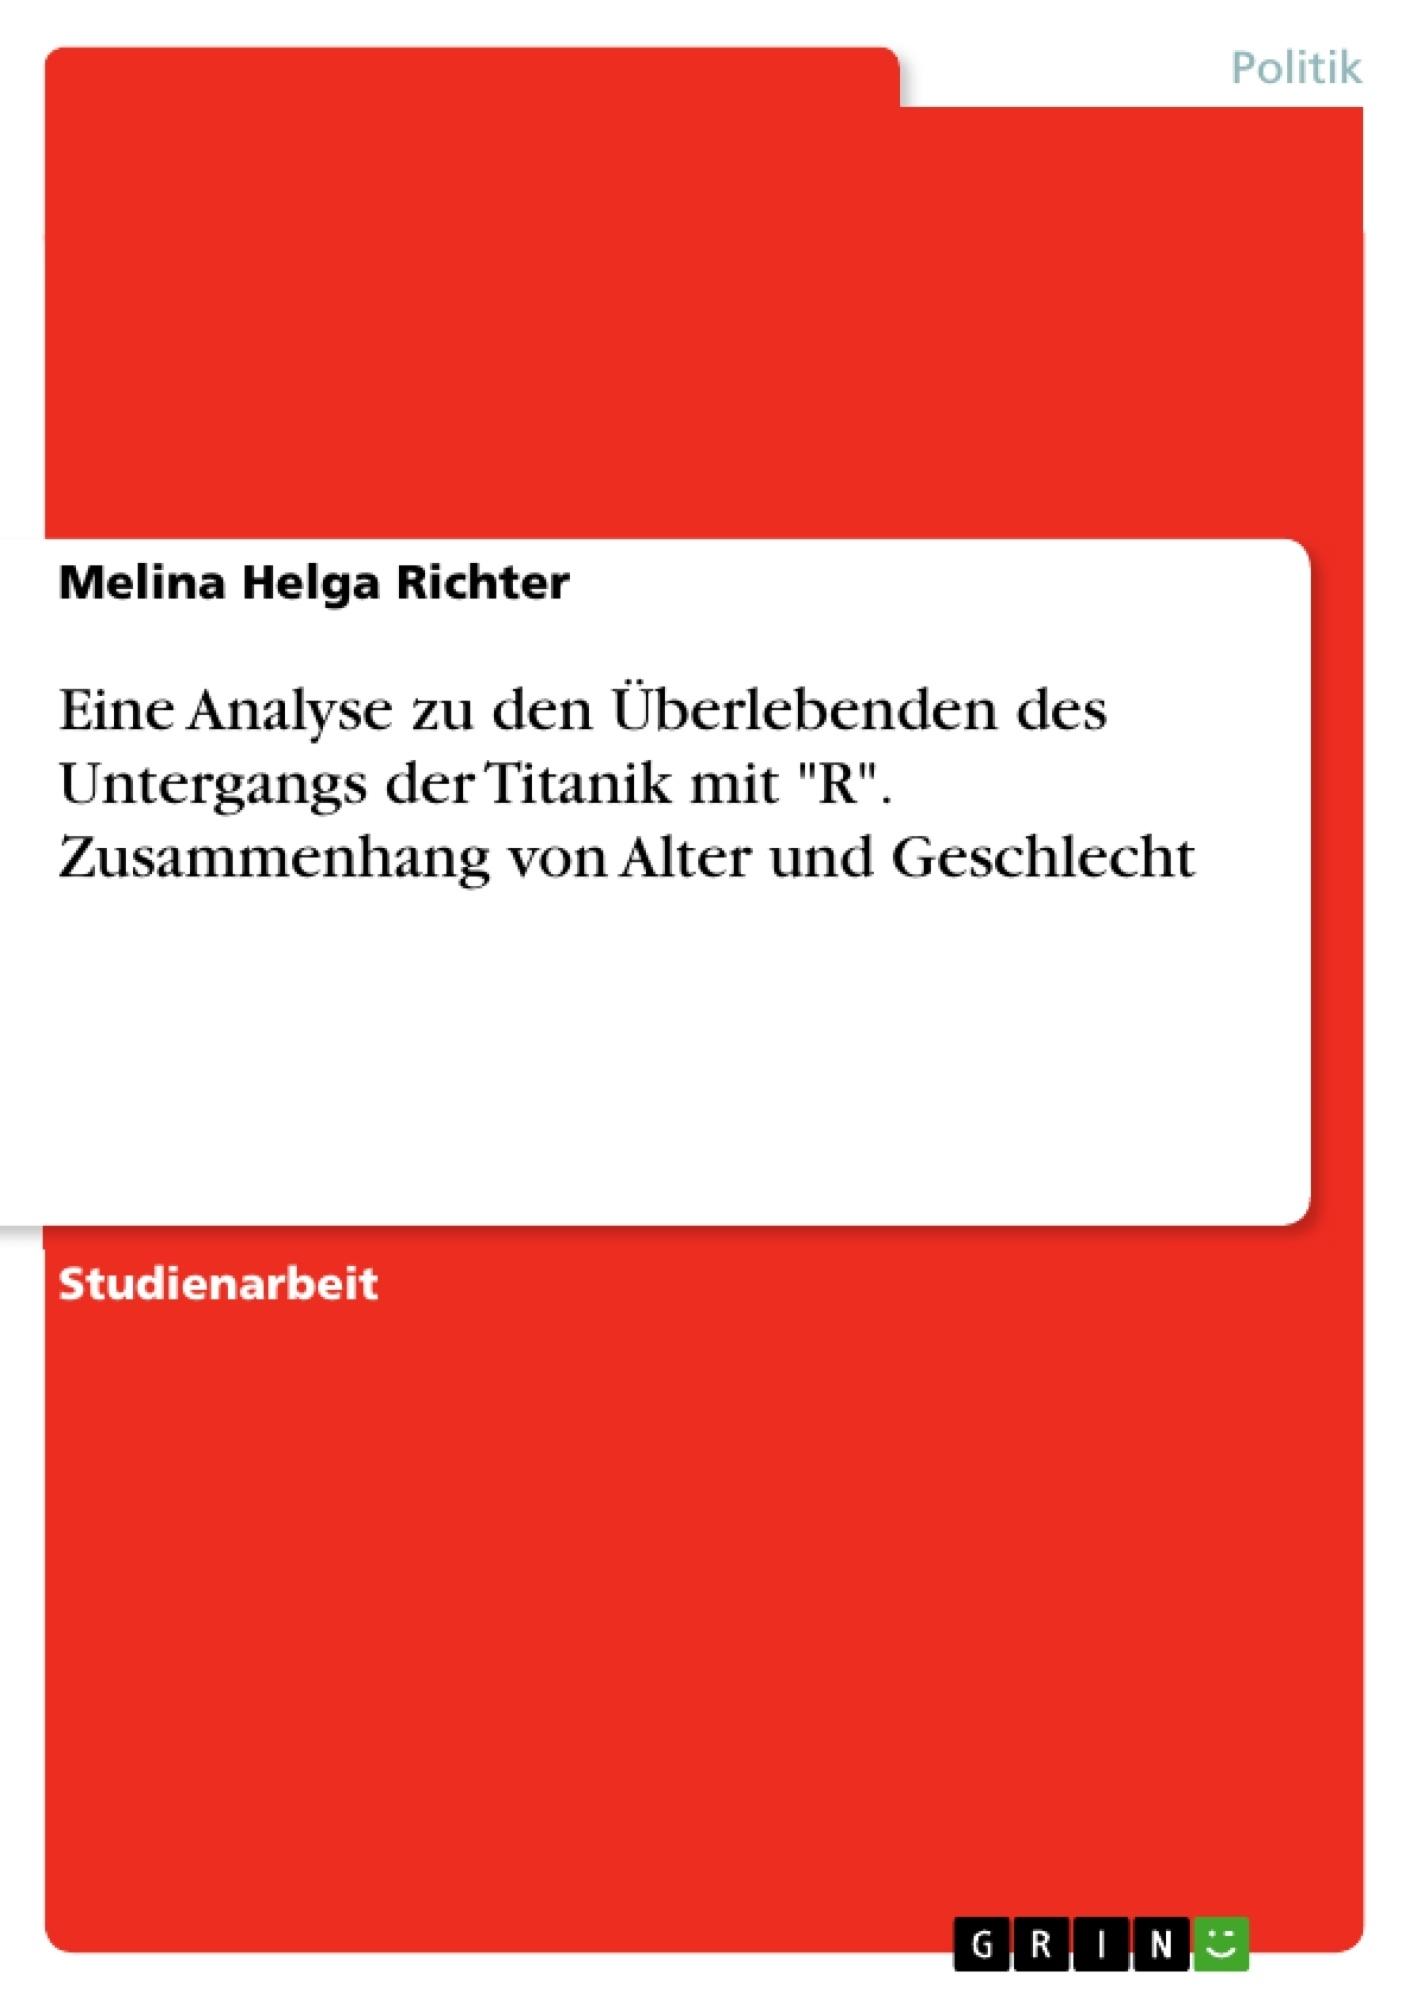 """Titel: Eine Analyse zu den Überlebenden des Untergangs der Titanik mit """"R"""". Zusammenhang von Alter und Geschlecht"""